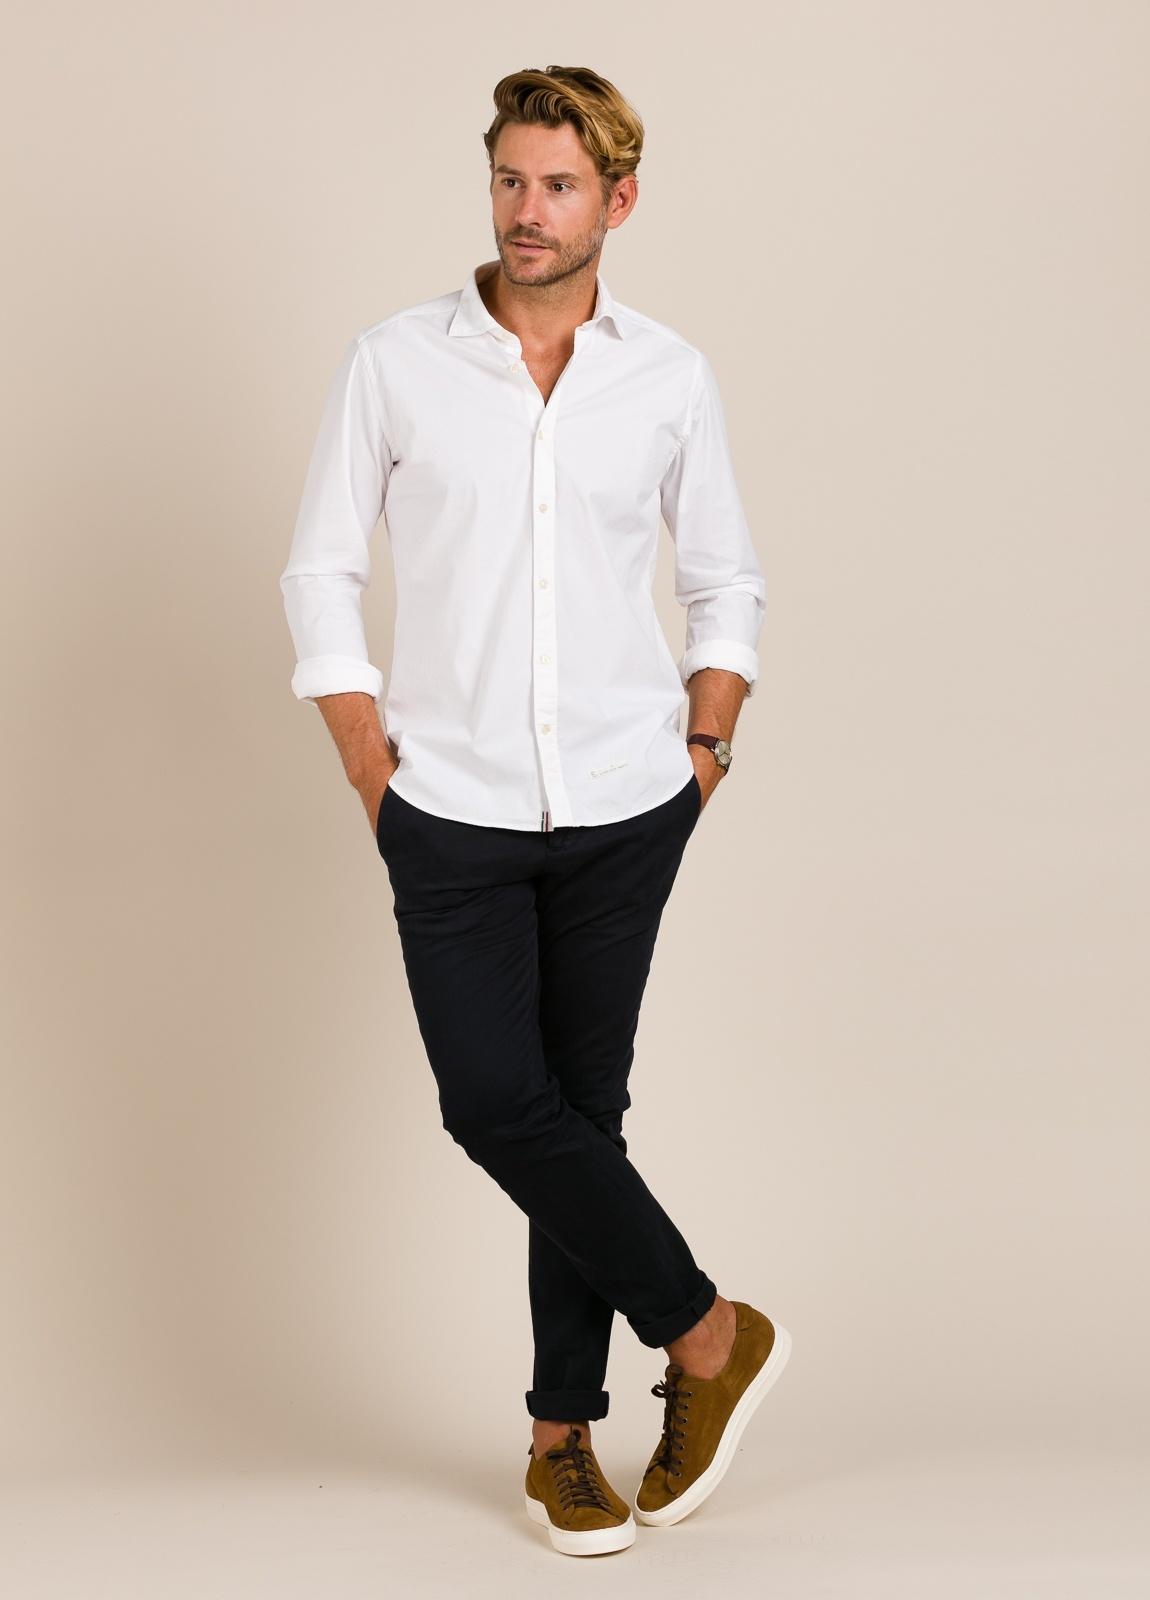 Camisa sport TINTORIA MATEI lisa blanca - Ítem1